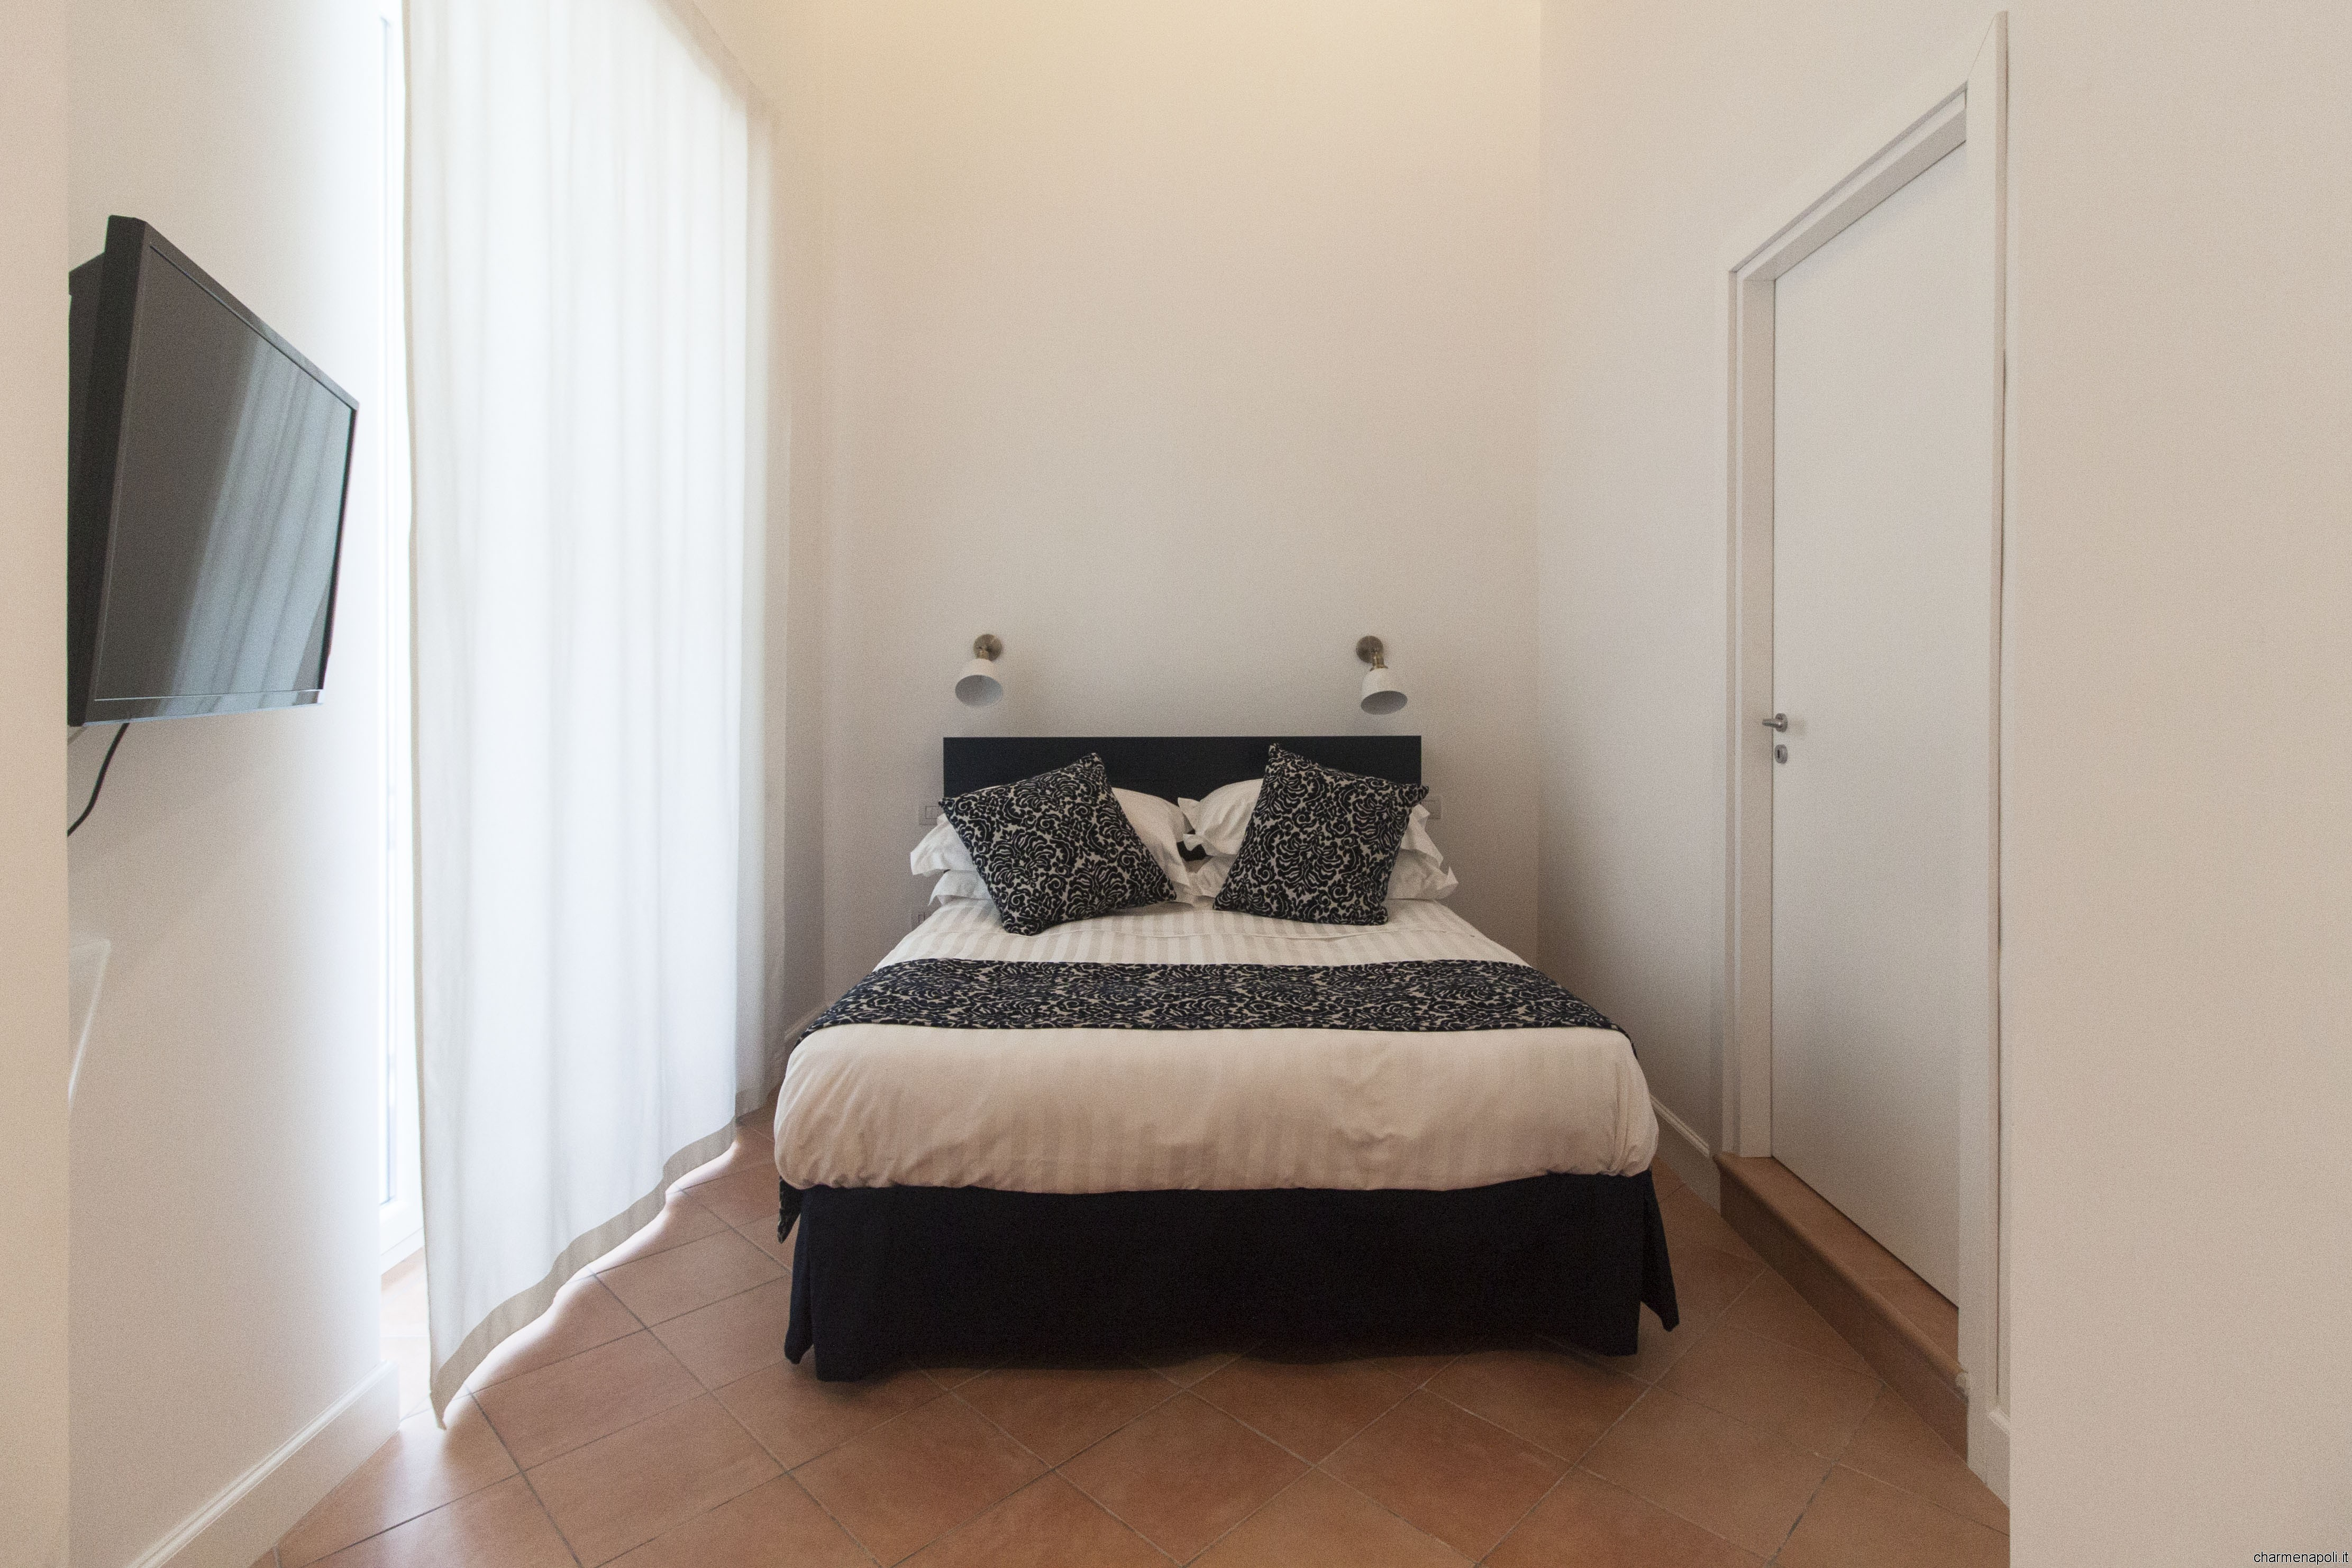 Eleonora Suites per un soggiorno nel centro storico di Napoli - Charme